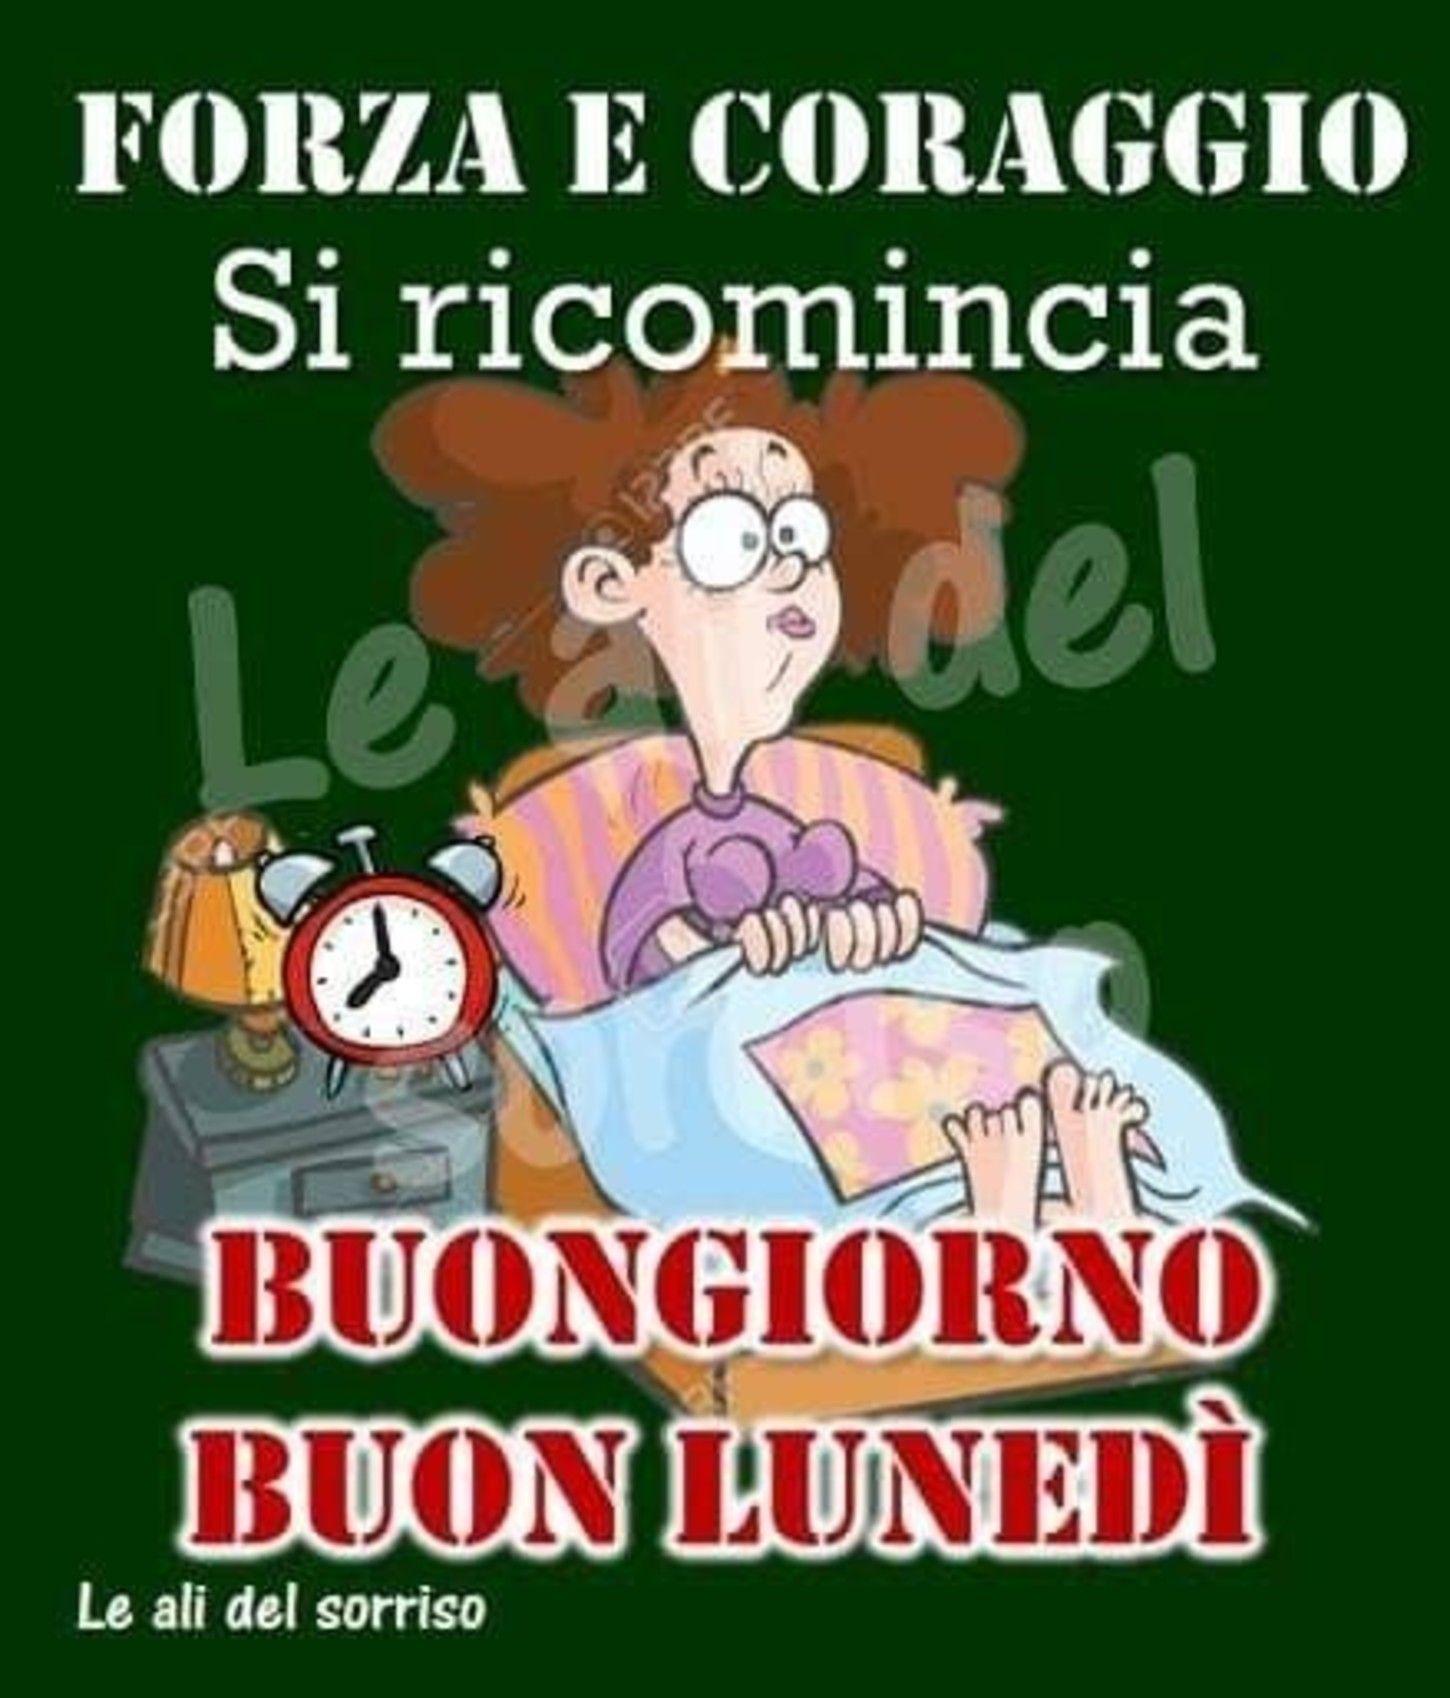 Buon Lunedi A Tutti Gli Amici 5883 Buon Lunedi Buongiorno